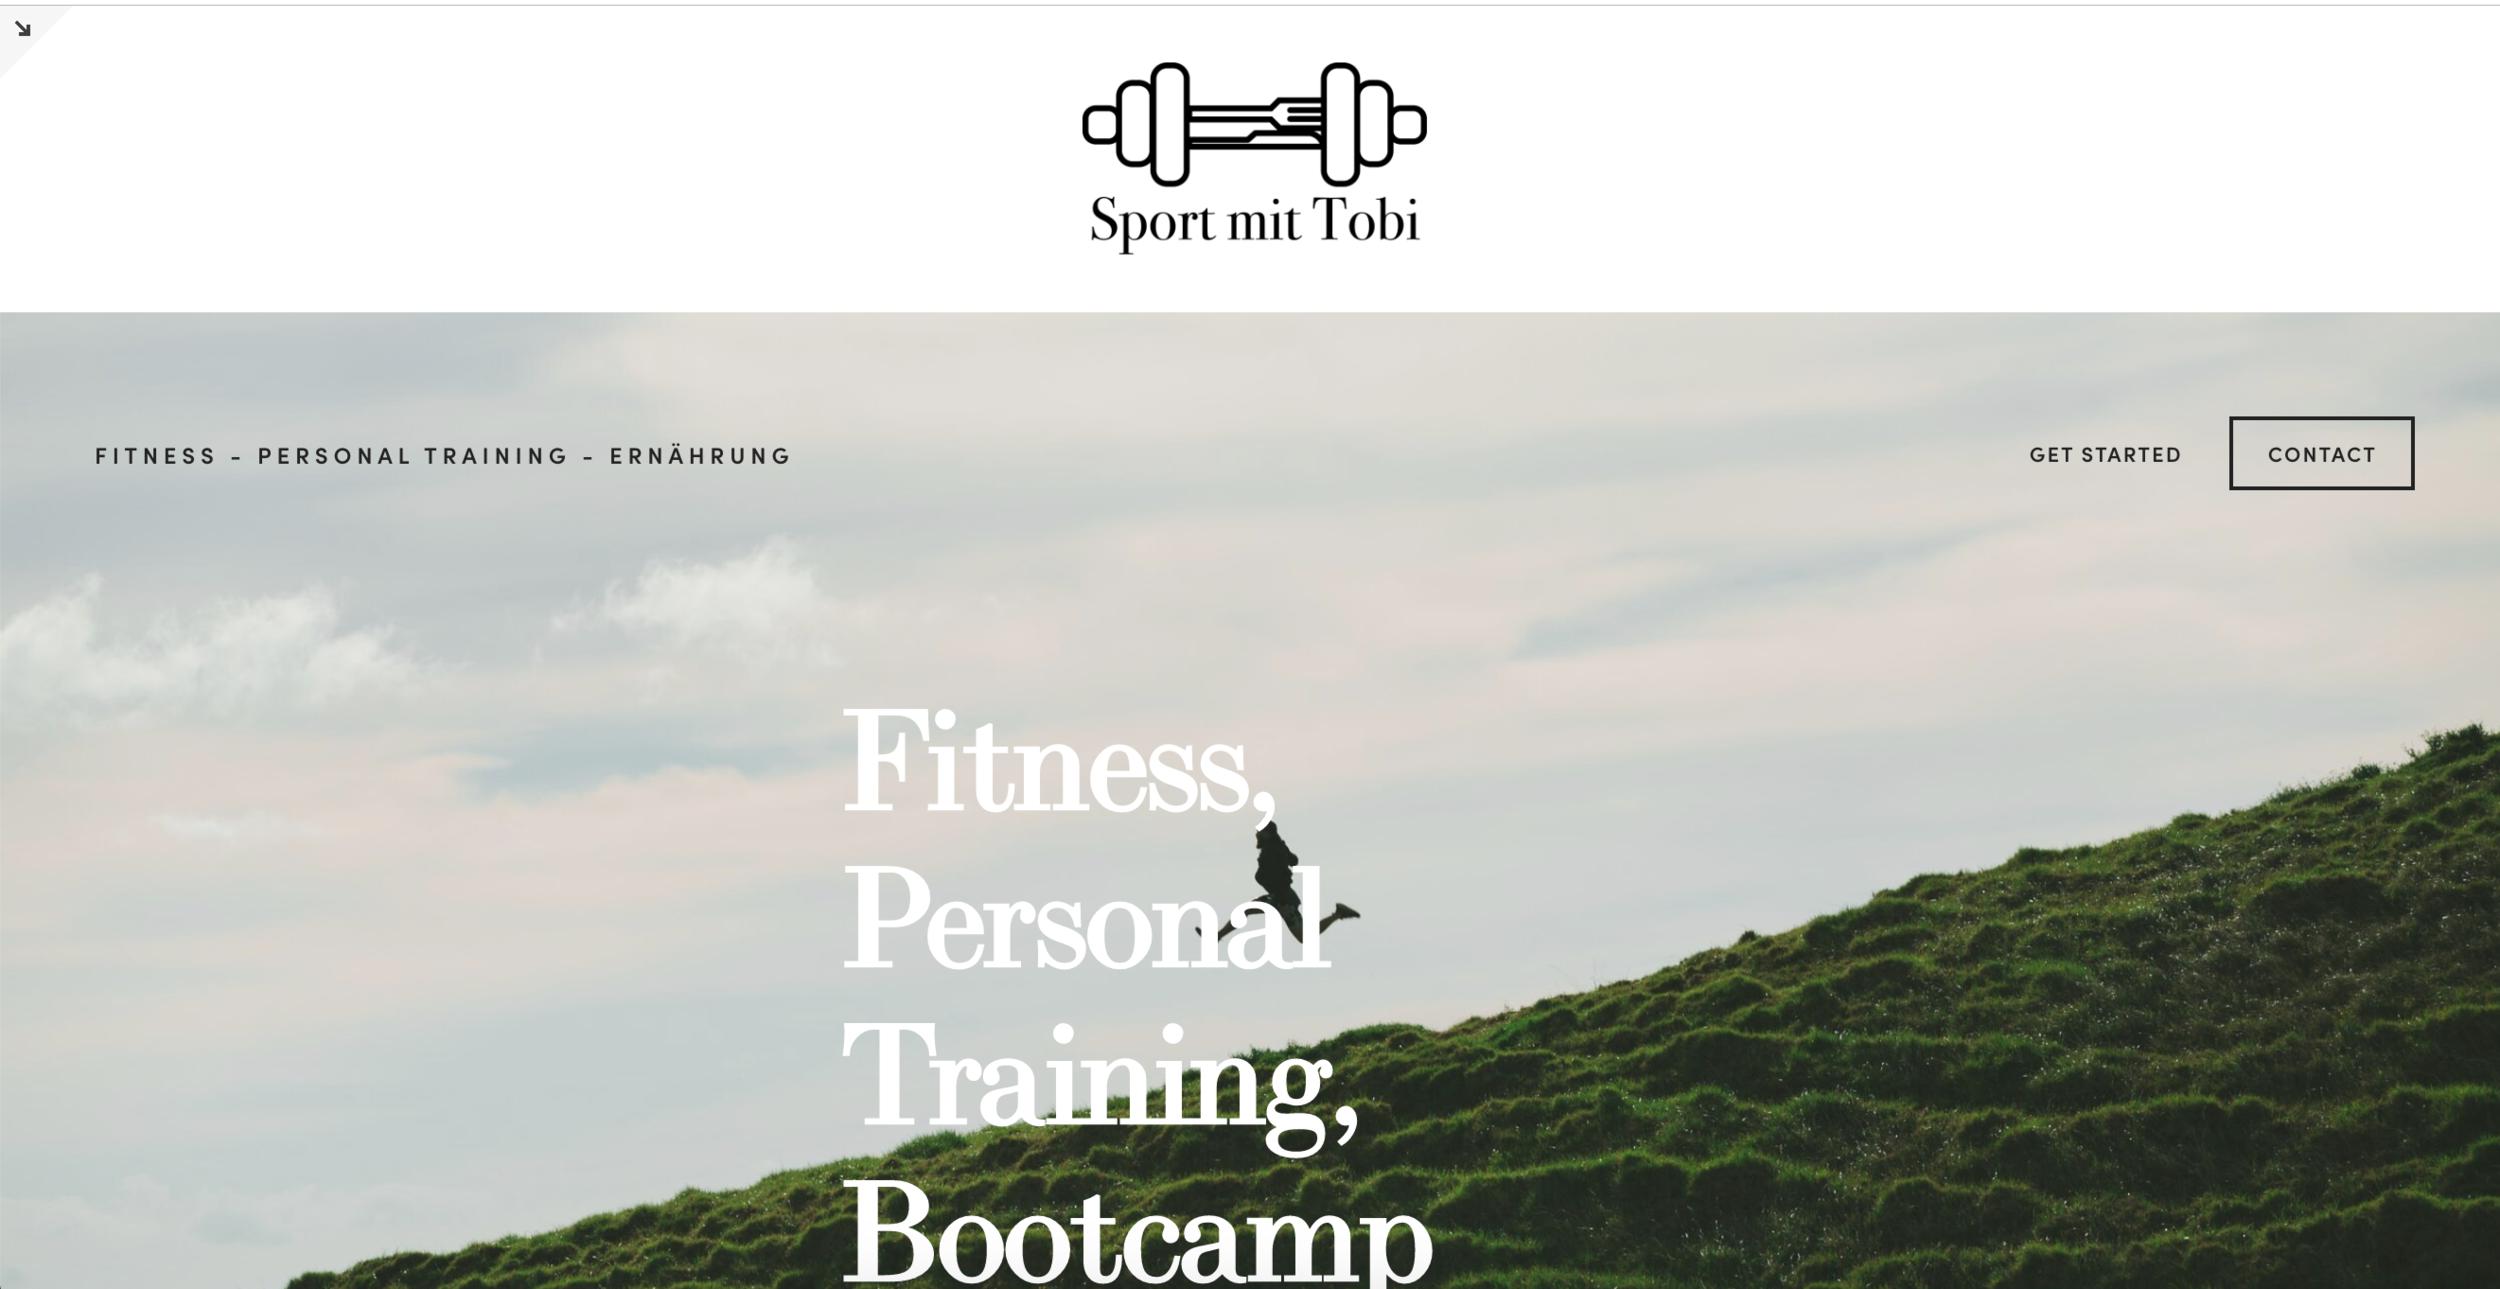 webdesign Sport mit Tobi Sabina Schmitz